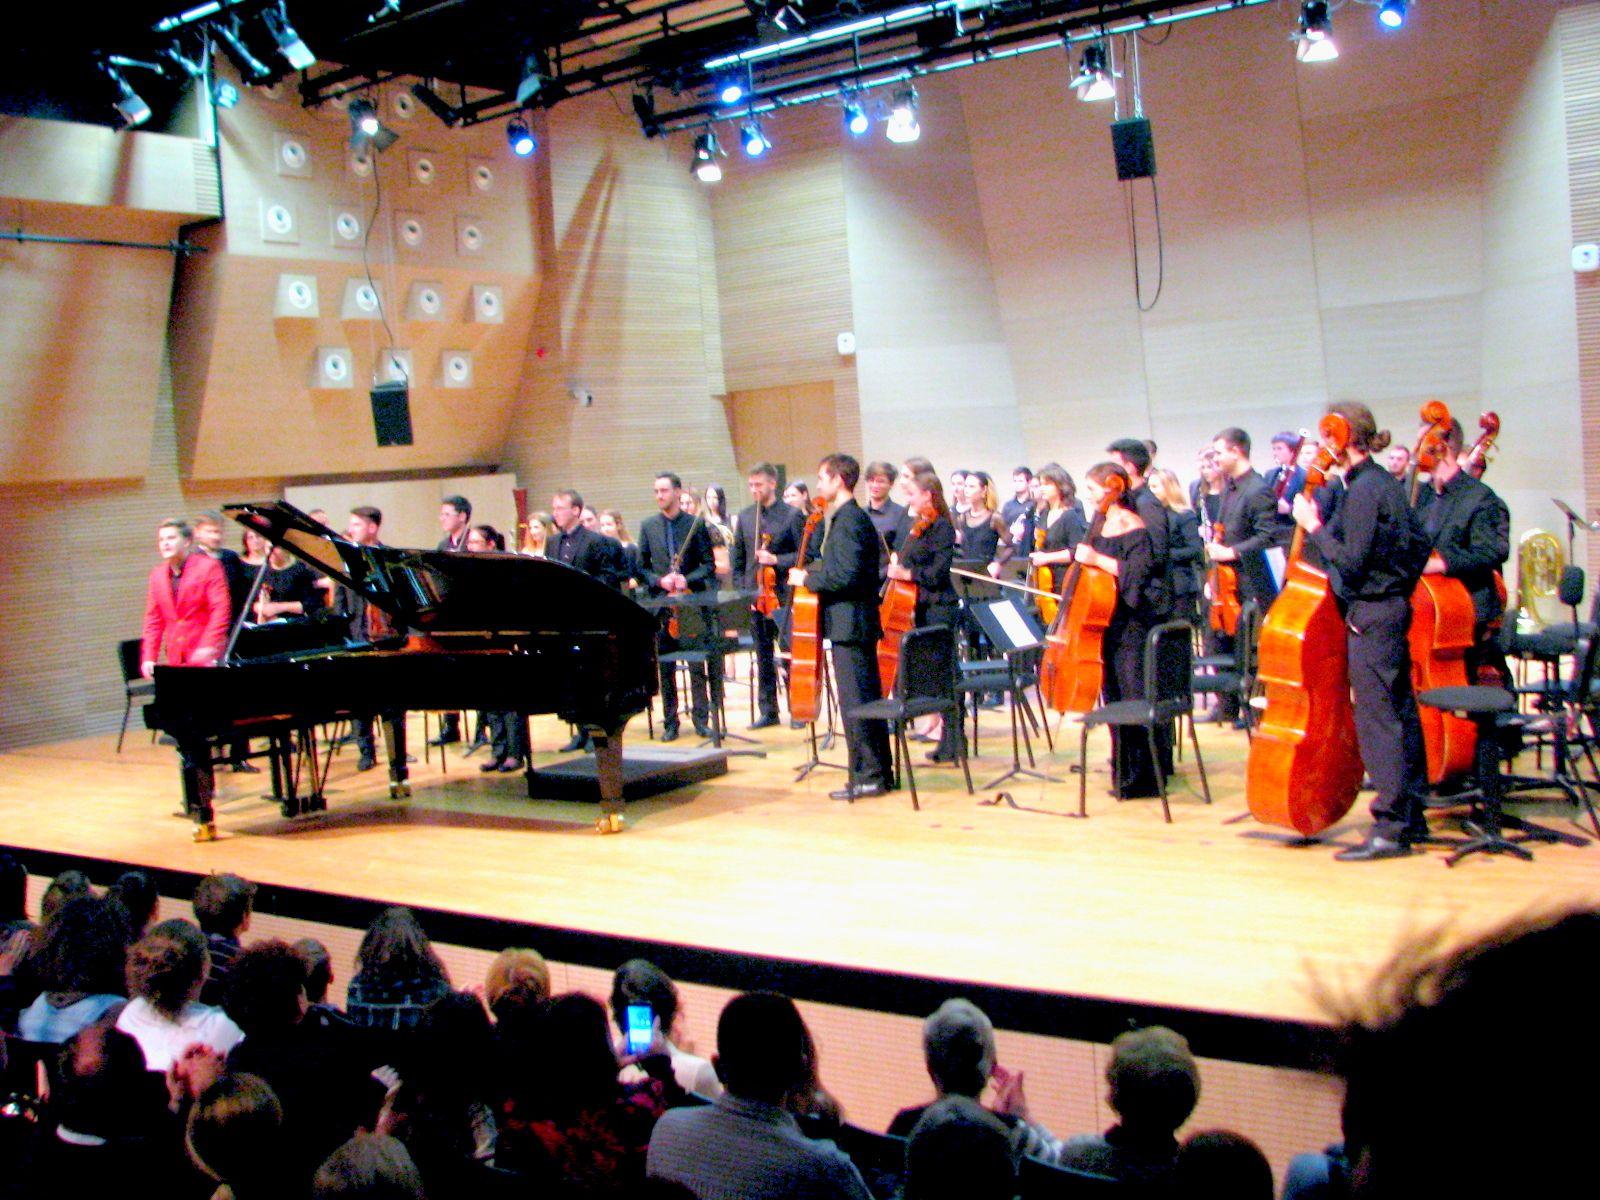 Bjelovarska mladost svirala na koncertu Simfonijskog orkestra Muzičke akademija u Zagrebu